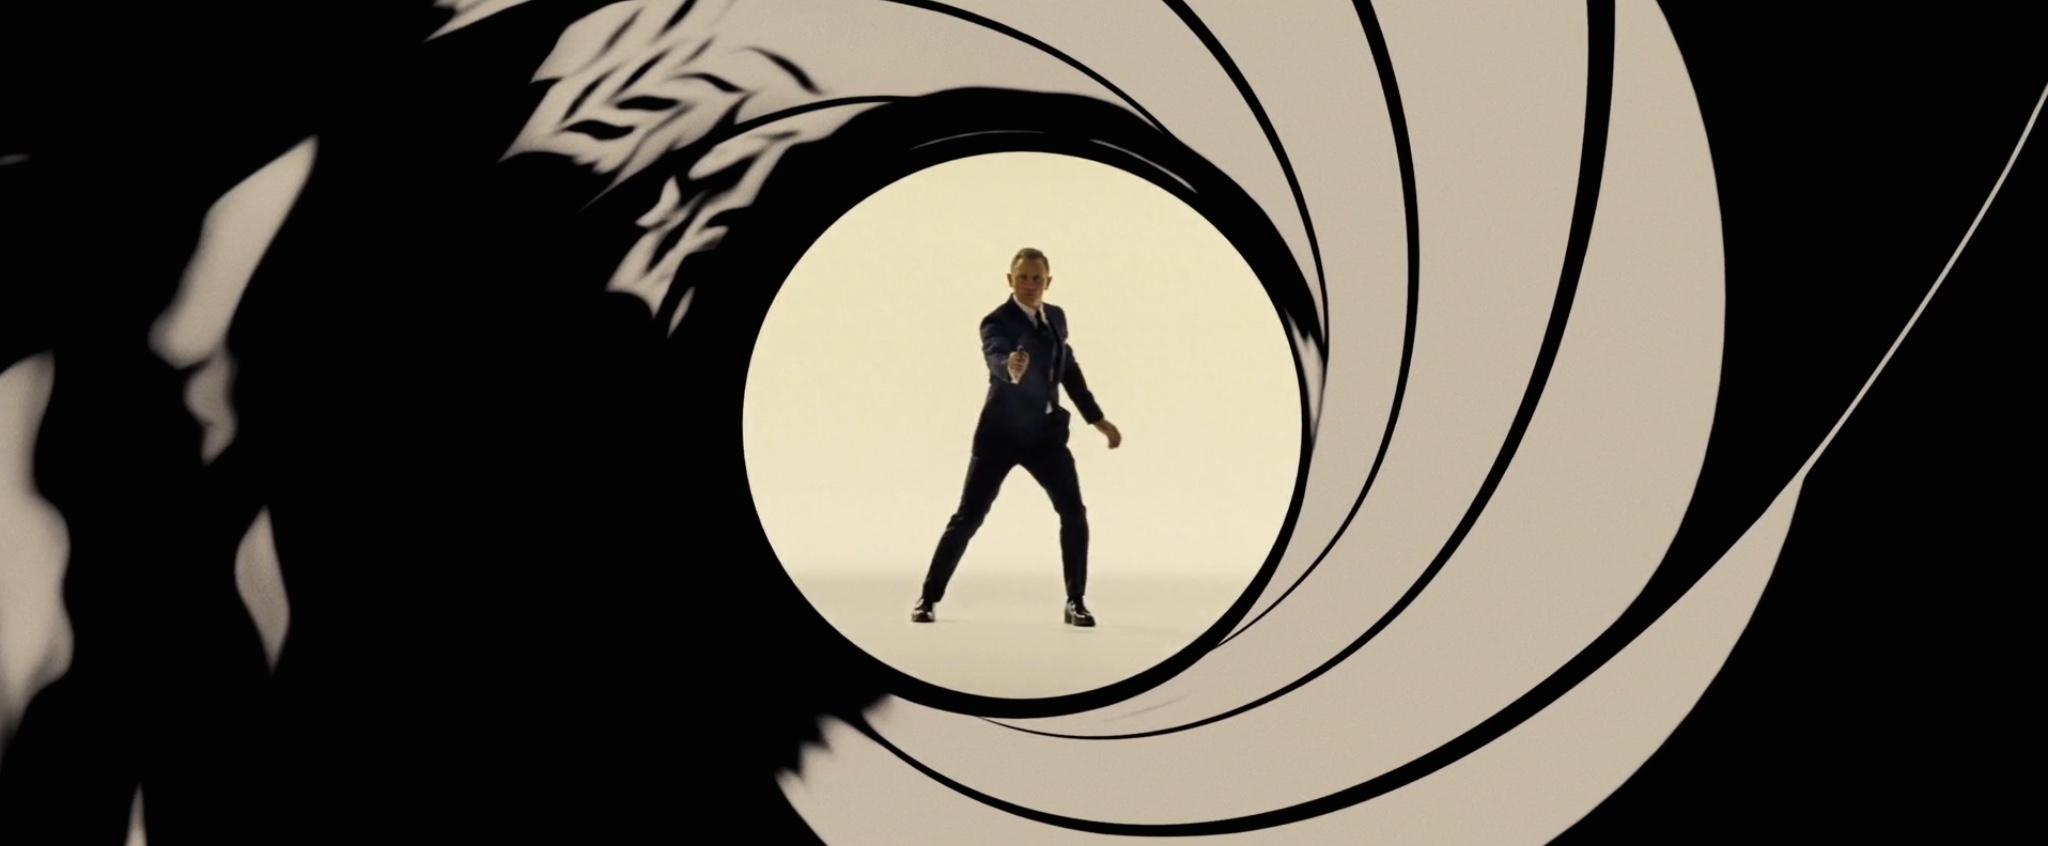 james bond 007 truthfulnerd. Black Bedroom Furniture Sets. Home Design Ideas